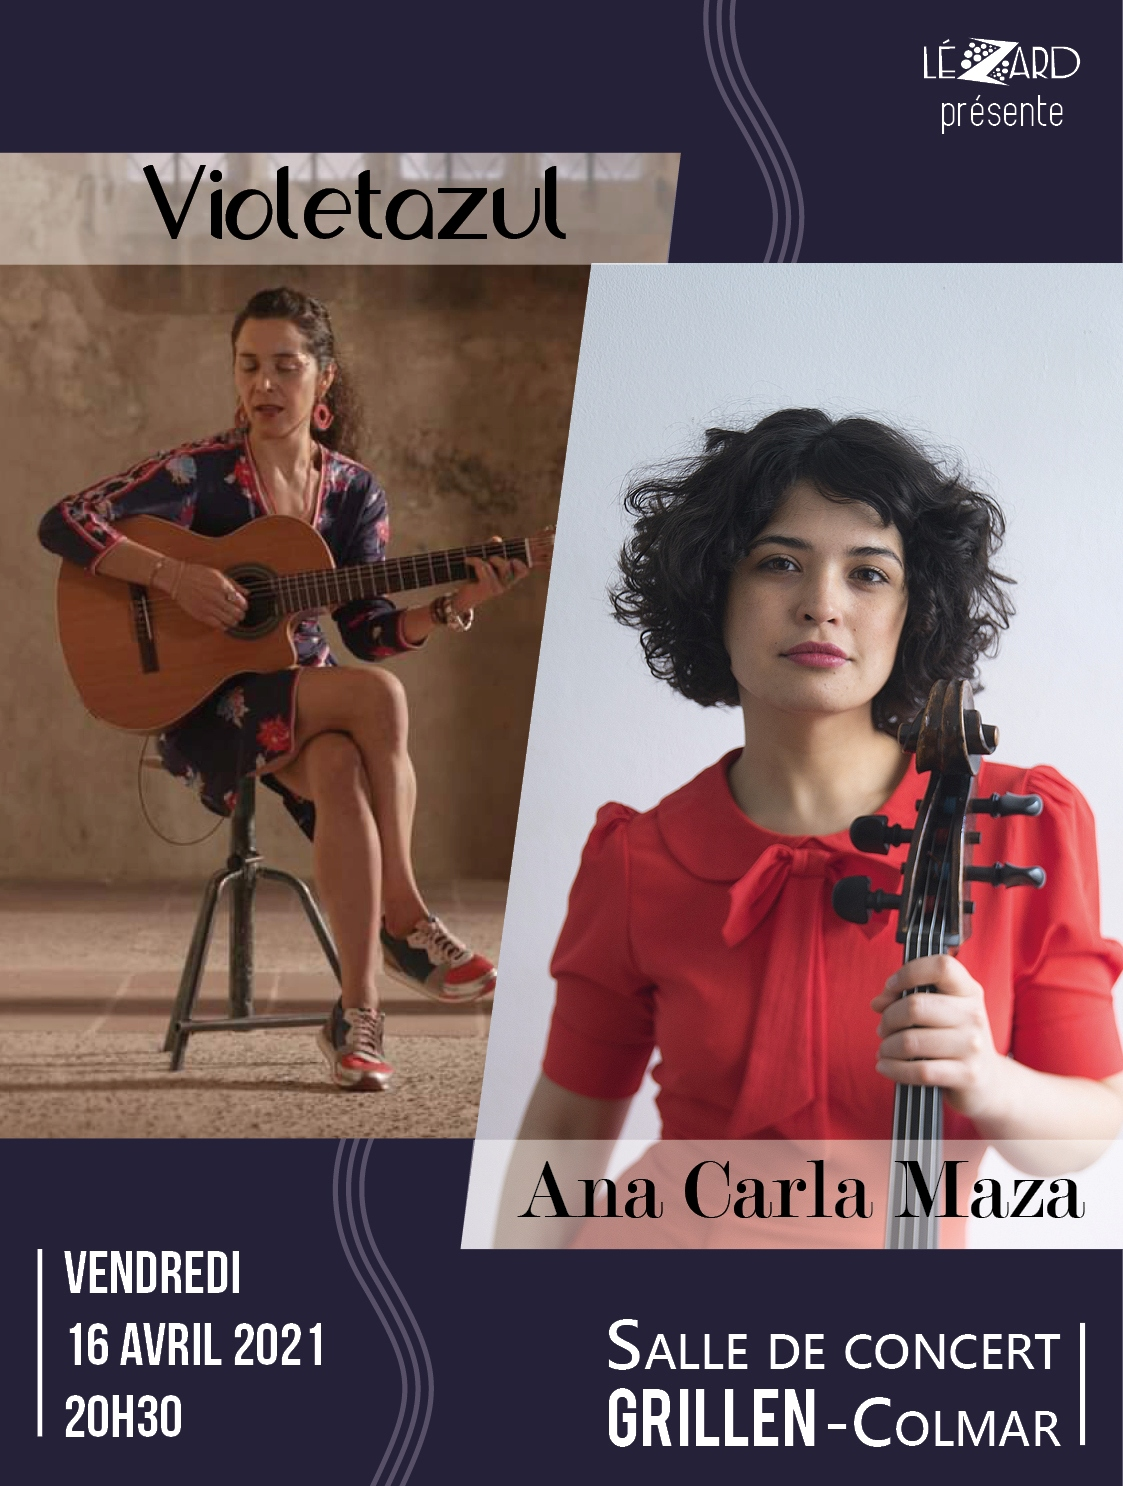 concert Lezard Violetazul et Ana Carla Maza